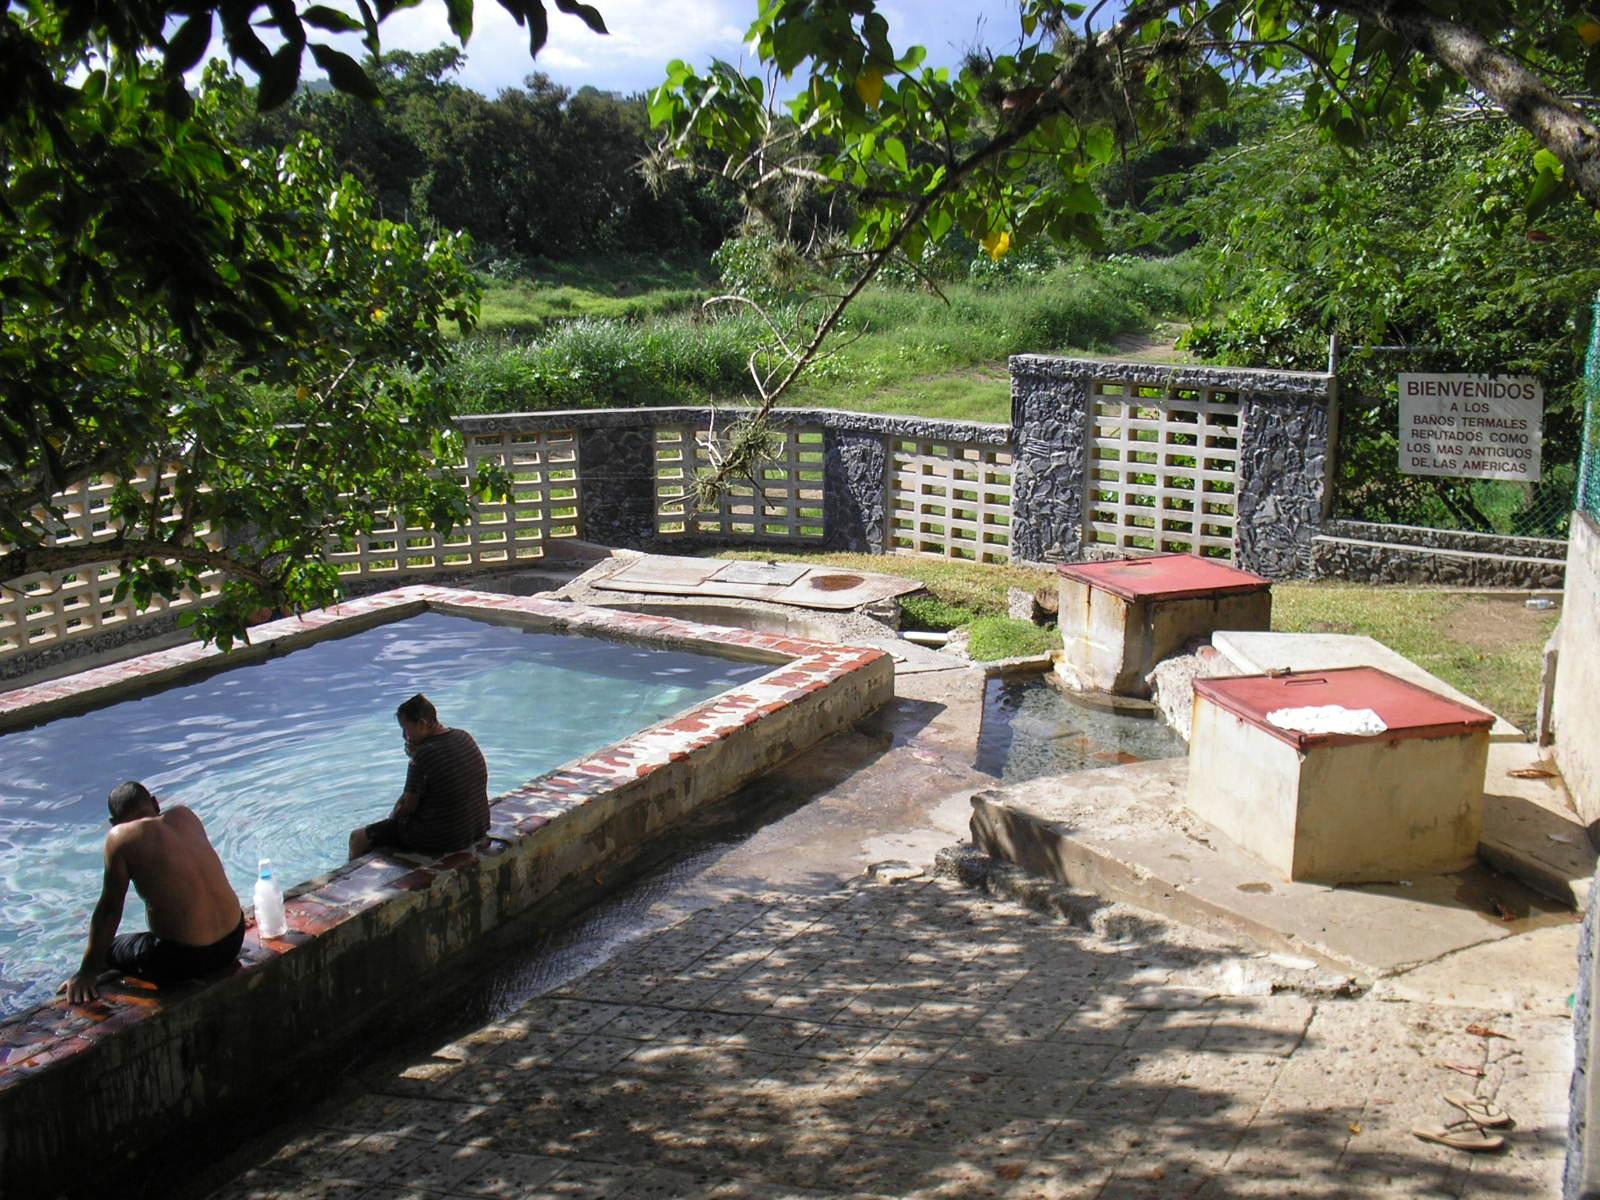 Extractores De Baño Puerto Rico:Baños de Coamo Hotel